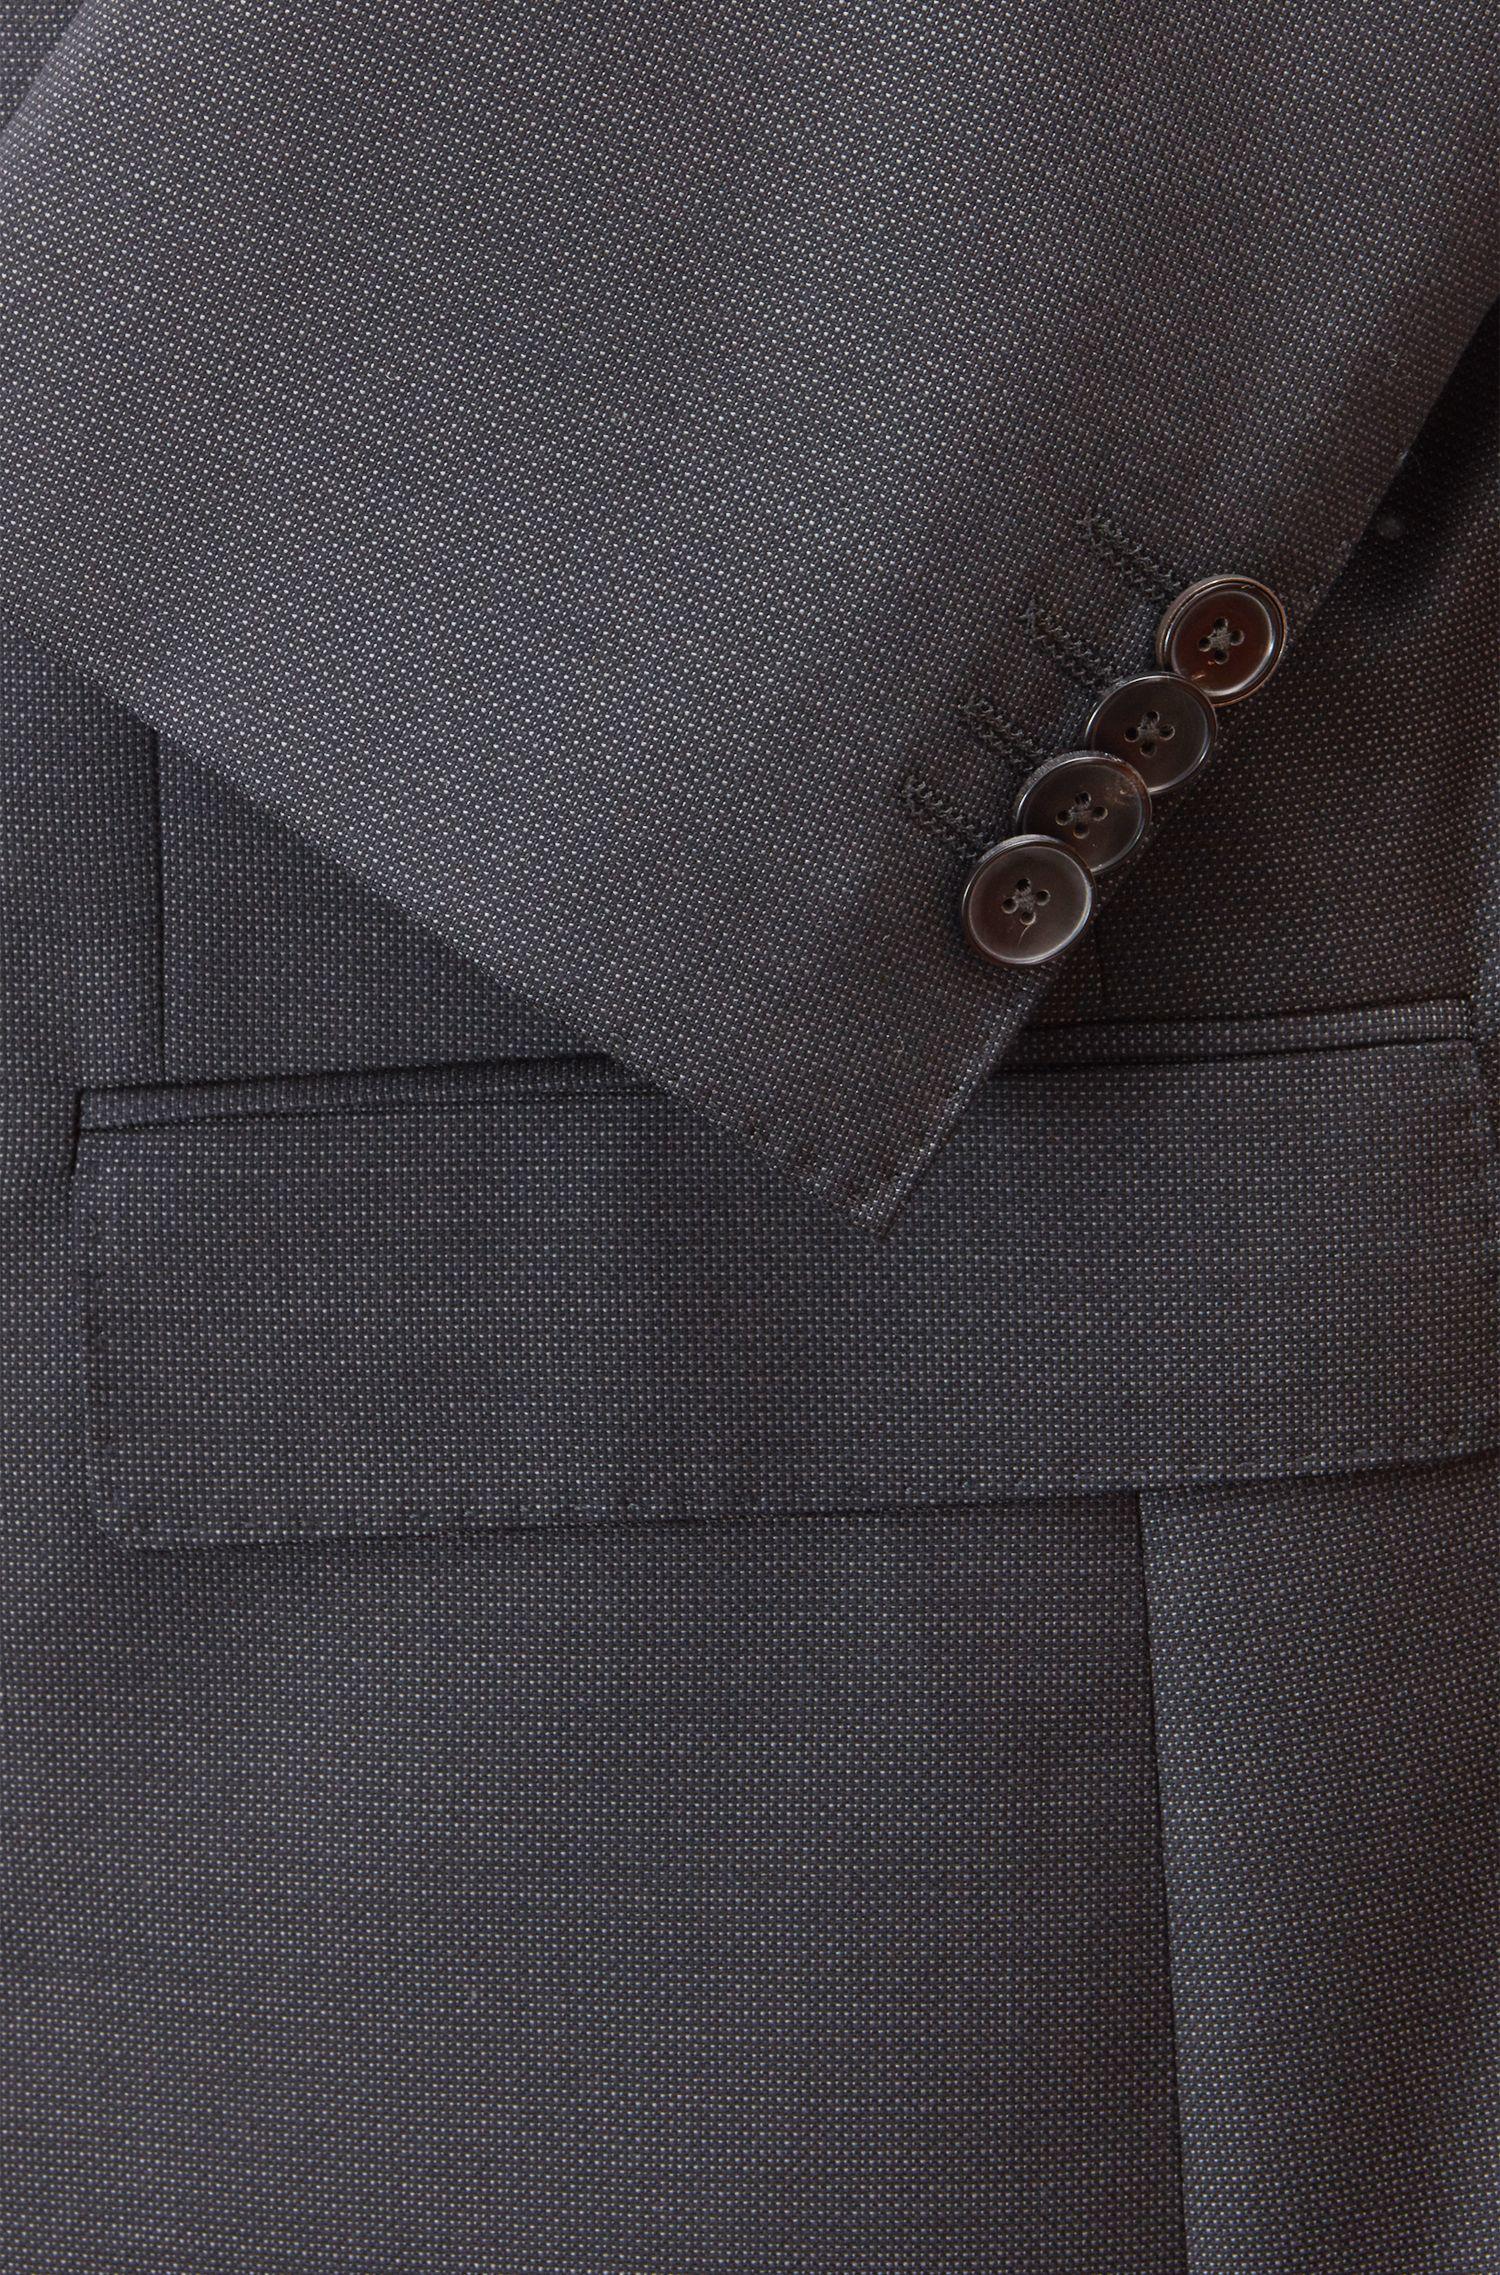 Chaqueta regular fit en lana virgen lisa